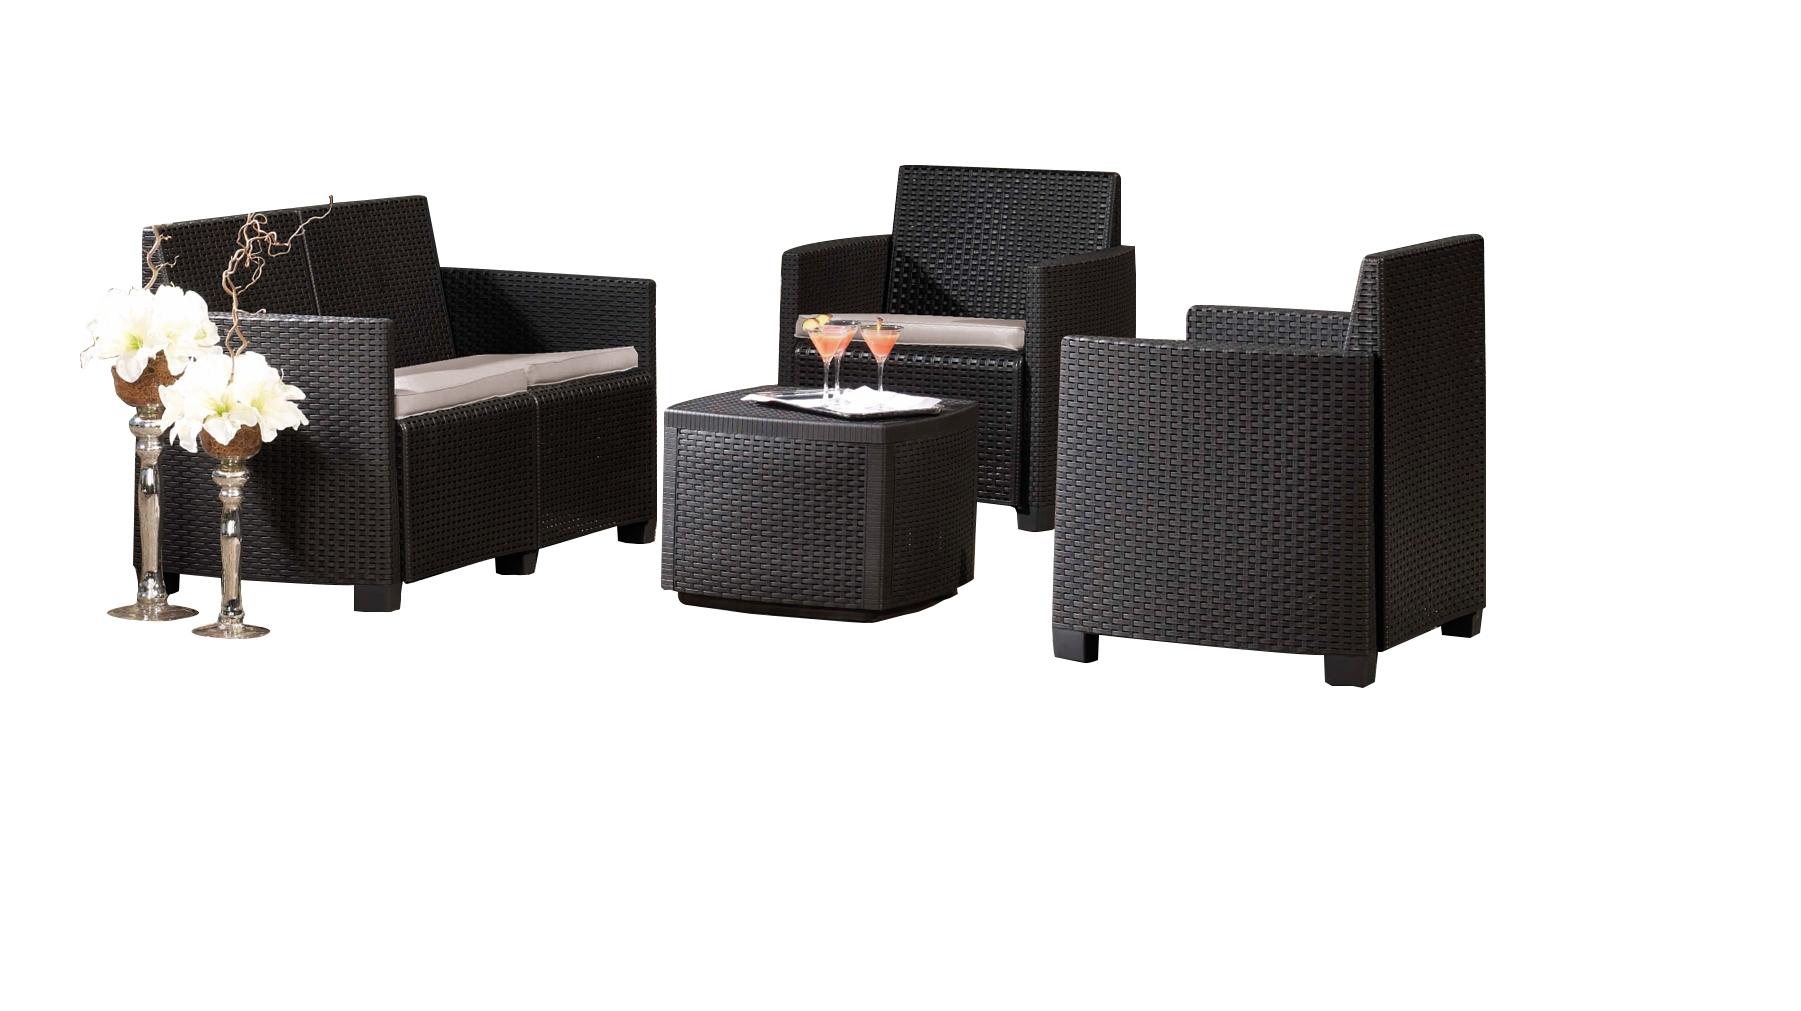 Salon De Jardin Etna Lounge - Mr.bricolage serapportantà Salon De Jardin Mr Bricolage